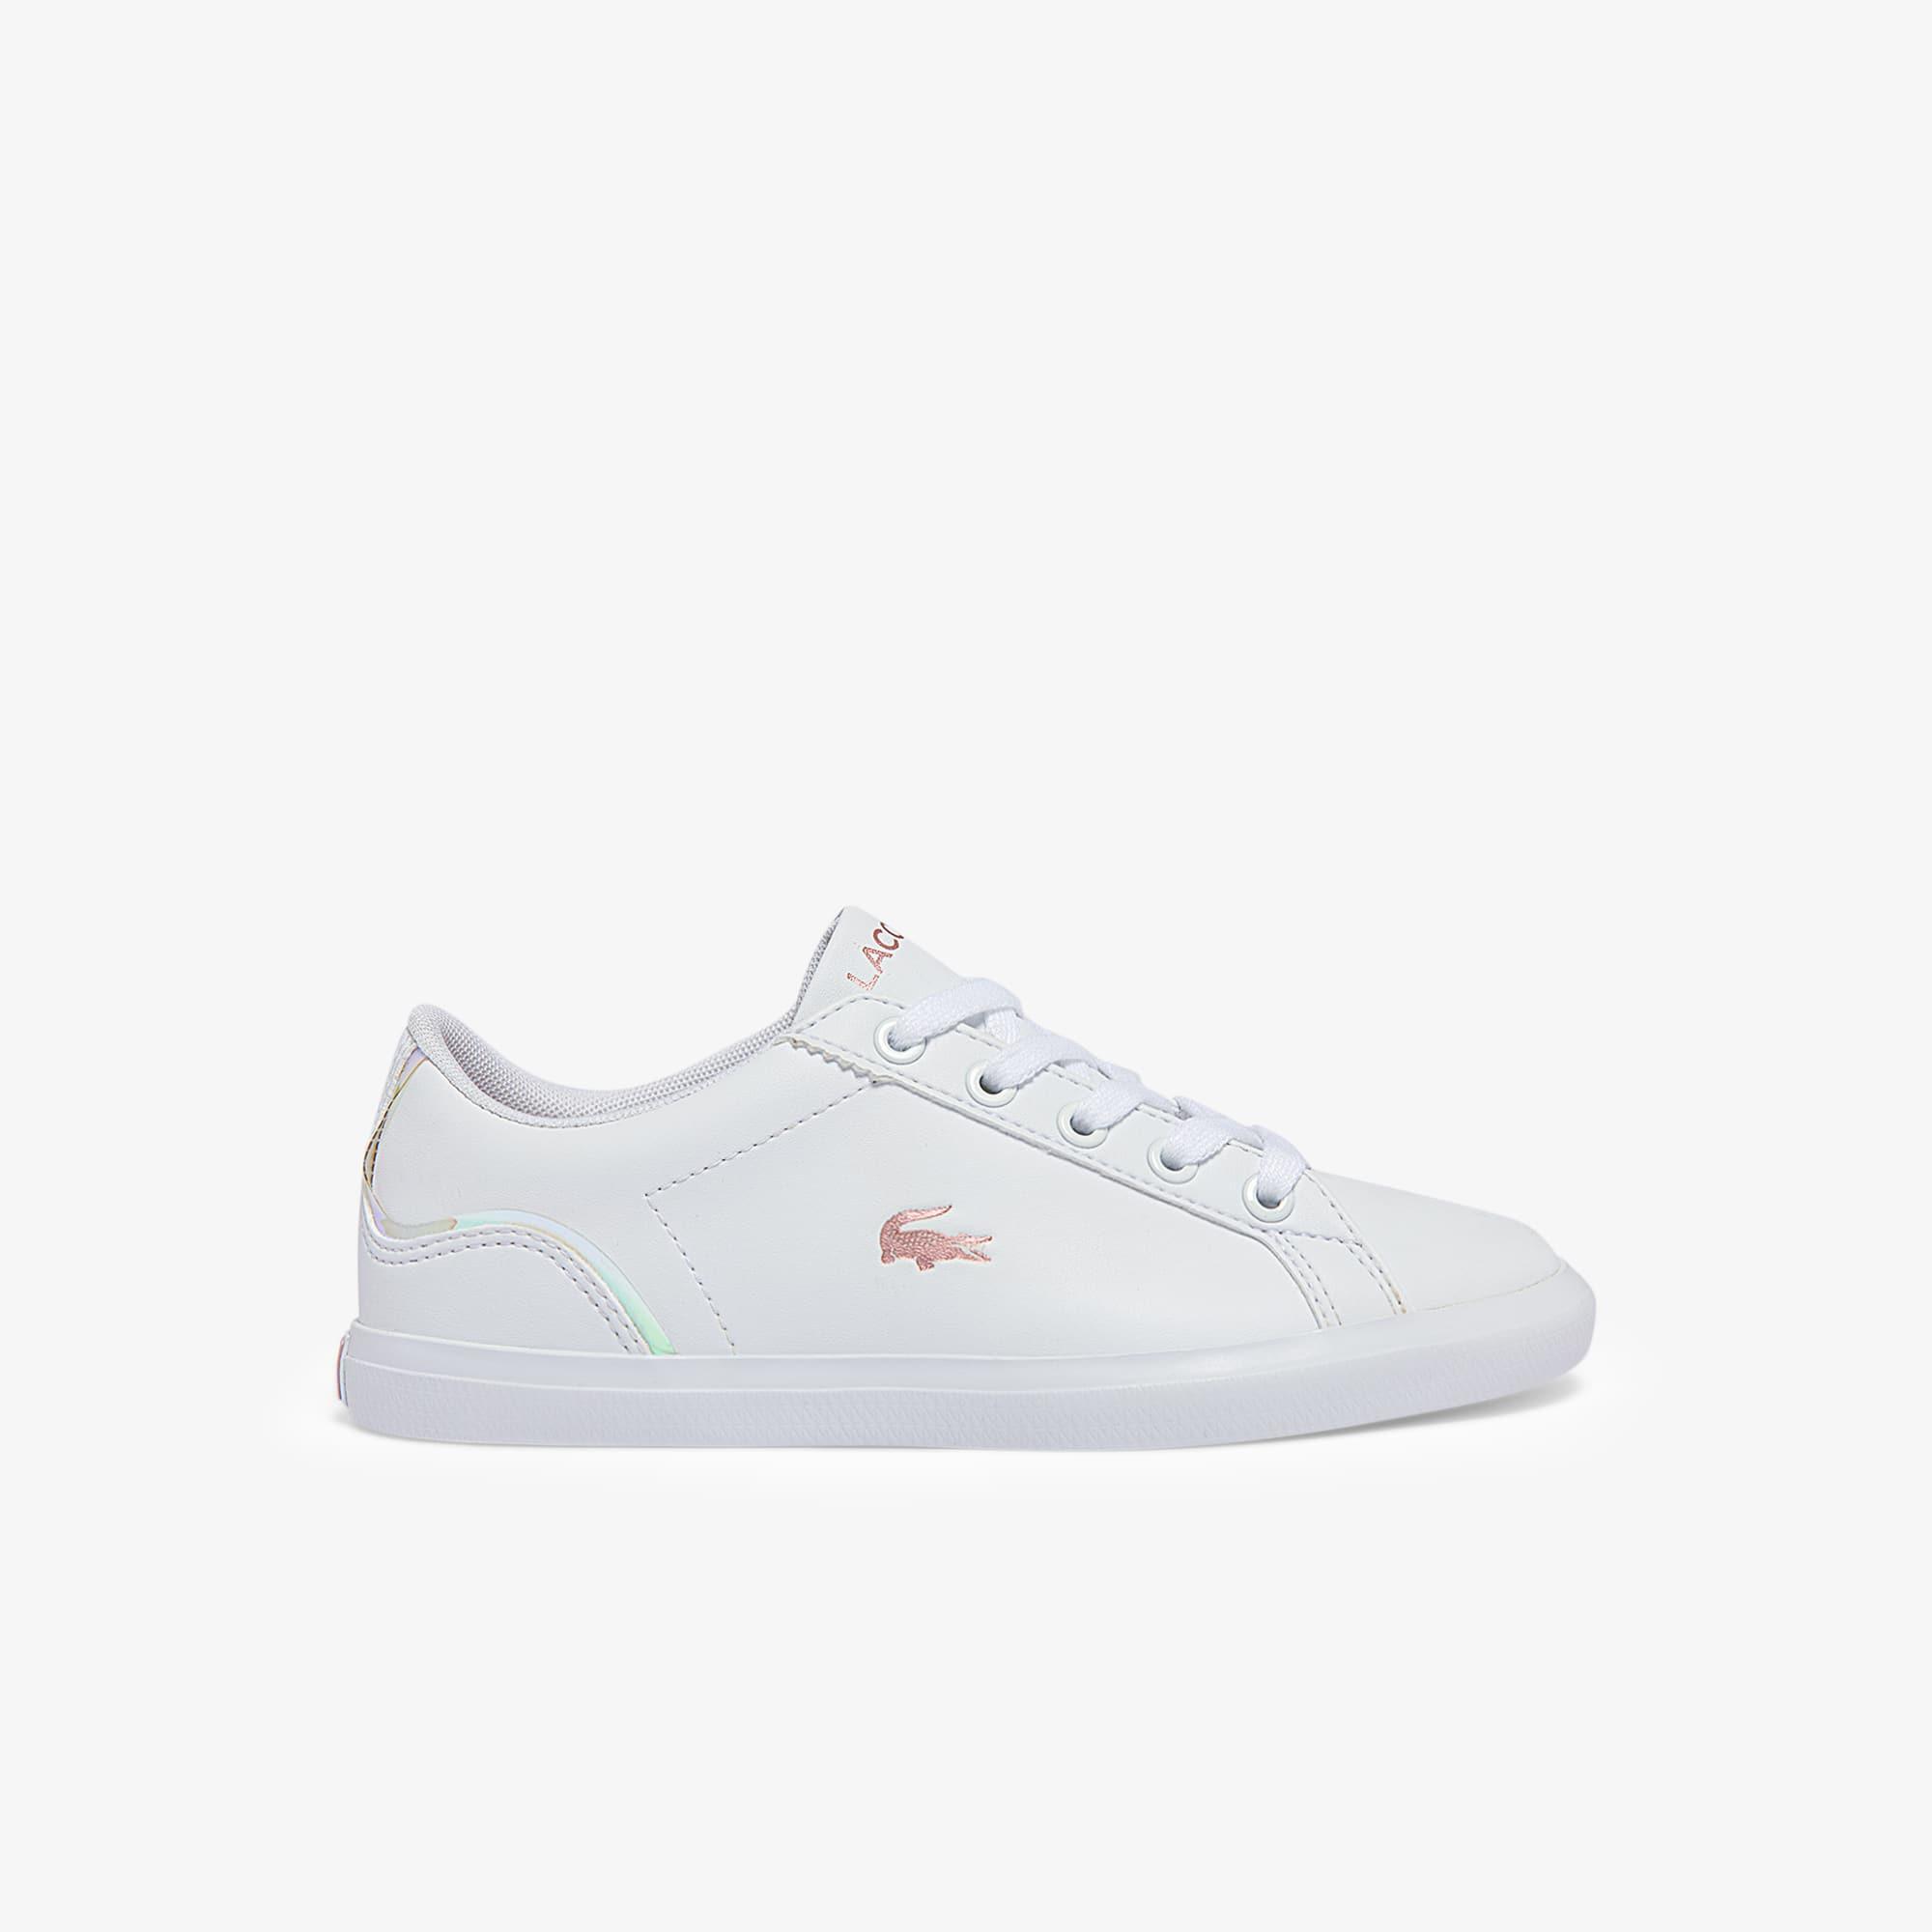 Lacoste Sneakers Lerond enfant en synthétique irisé Taille 32.5 Blanc/rose